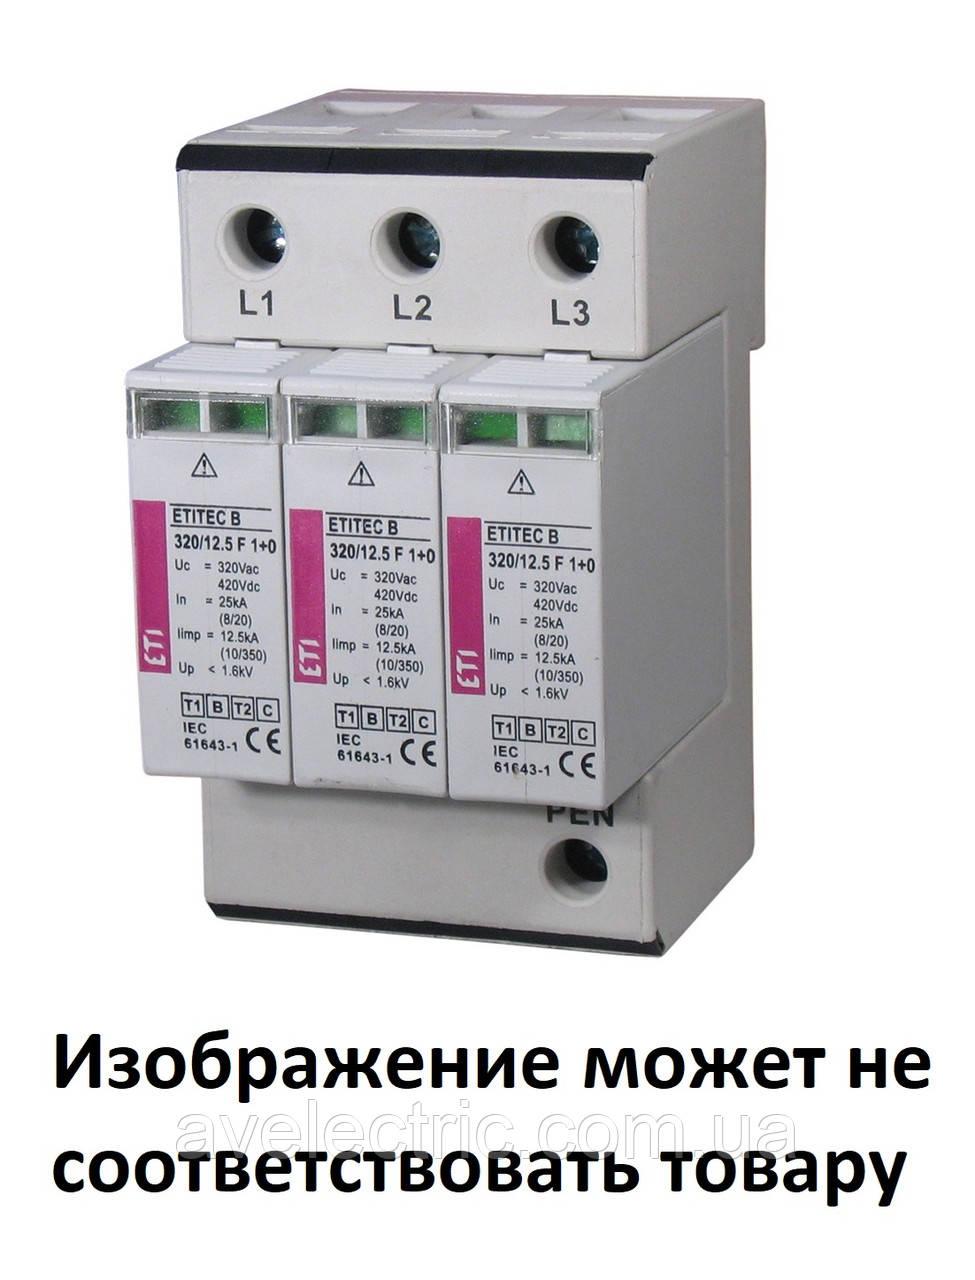 Ограничитель перенапряжения ETITEC C T2 255/20 G, 1p